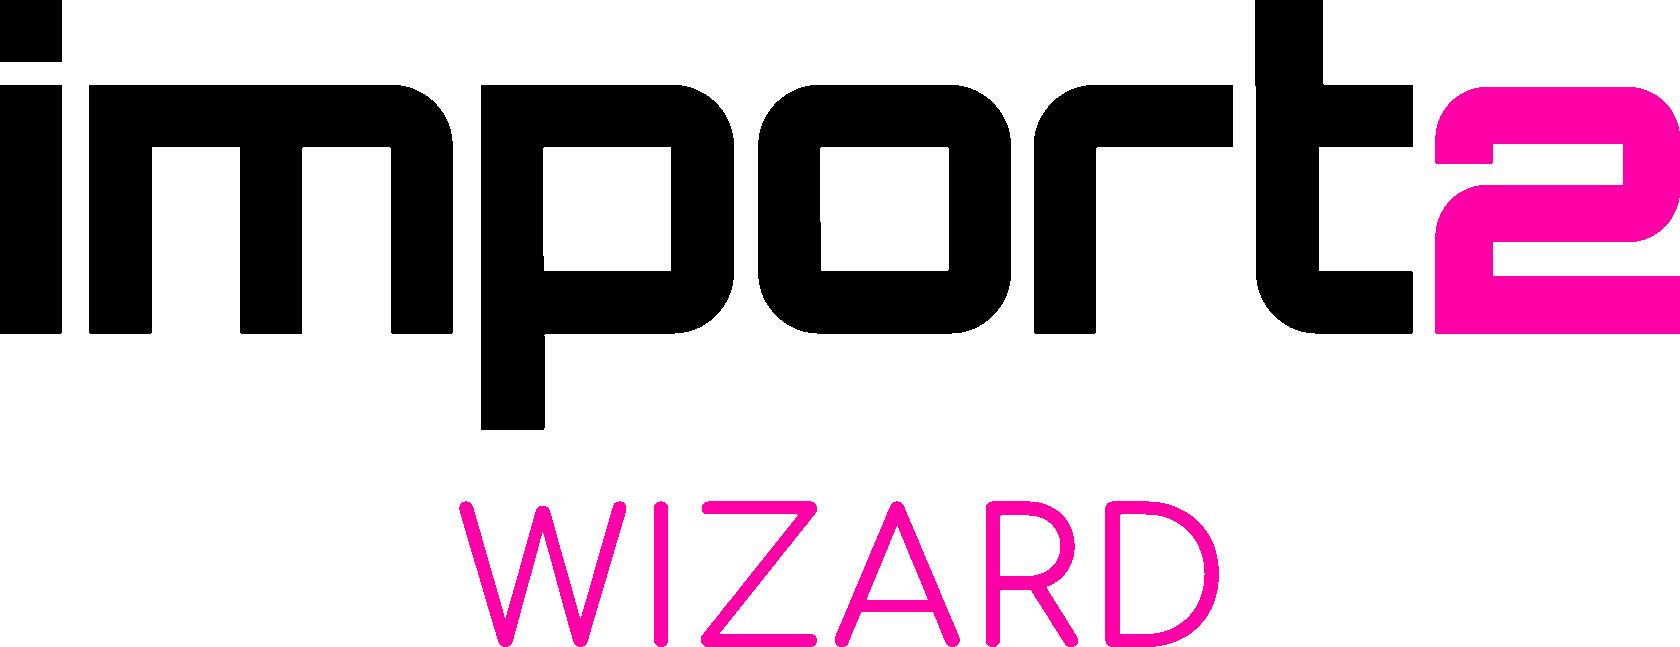 logo-wizard-vert